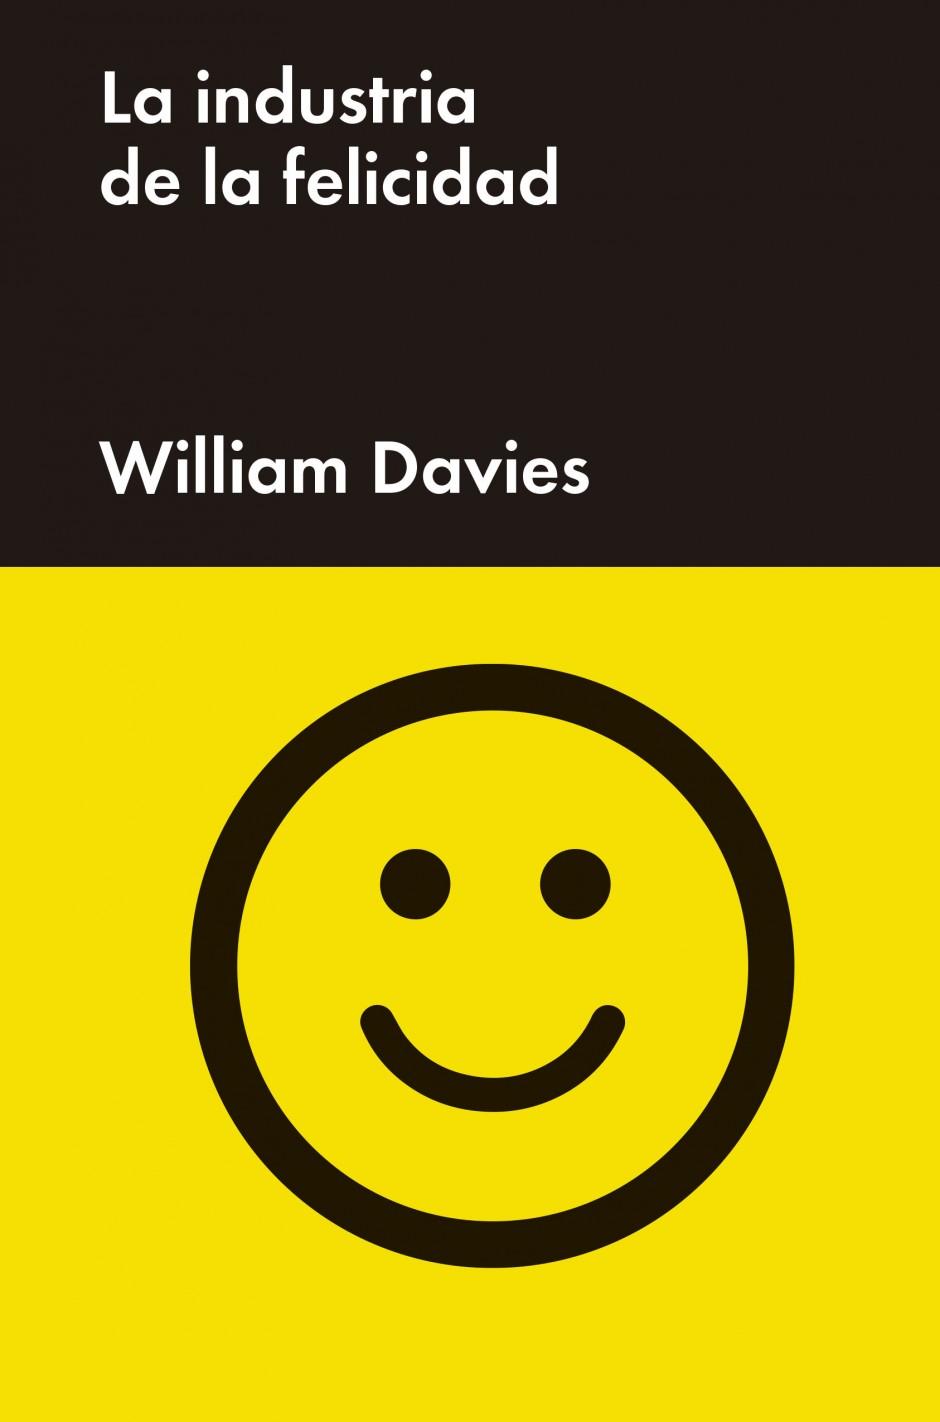 La industria de la felicidad, de William Davies